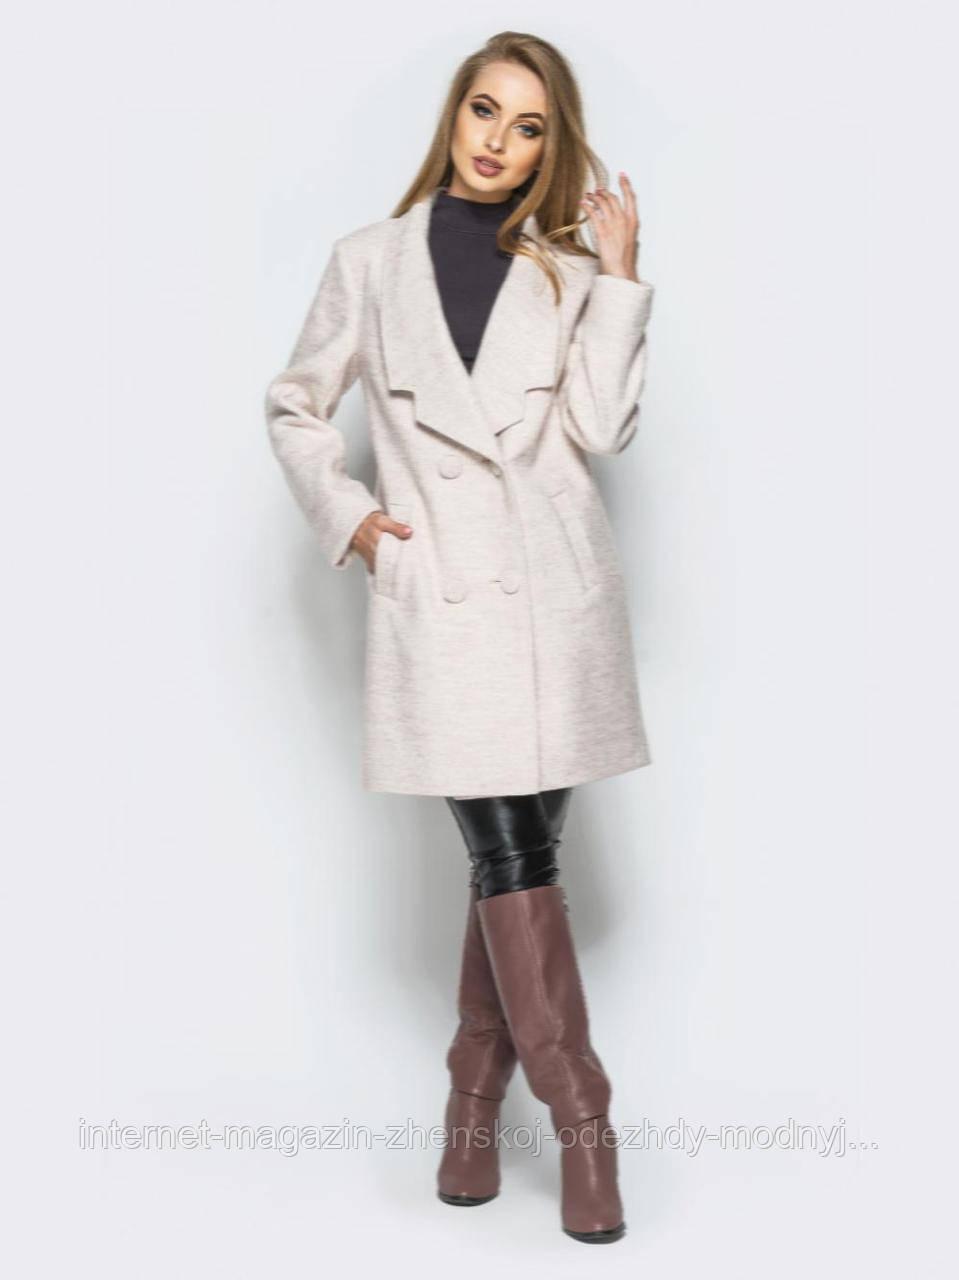 b59e78f97ca1 Элегантное женское пальто Неаполь, PN2382 латте: продажа, цена в ...